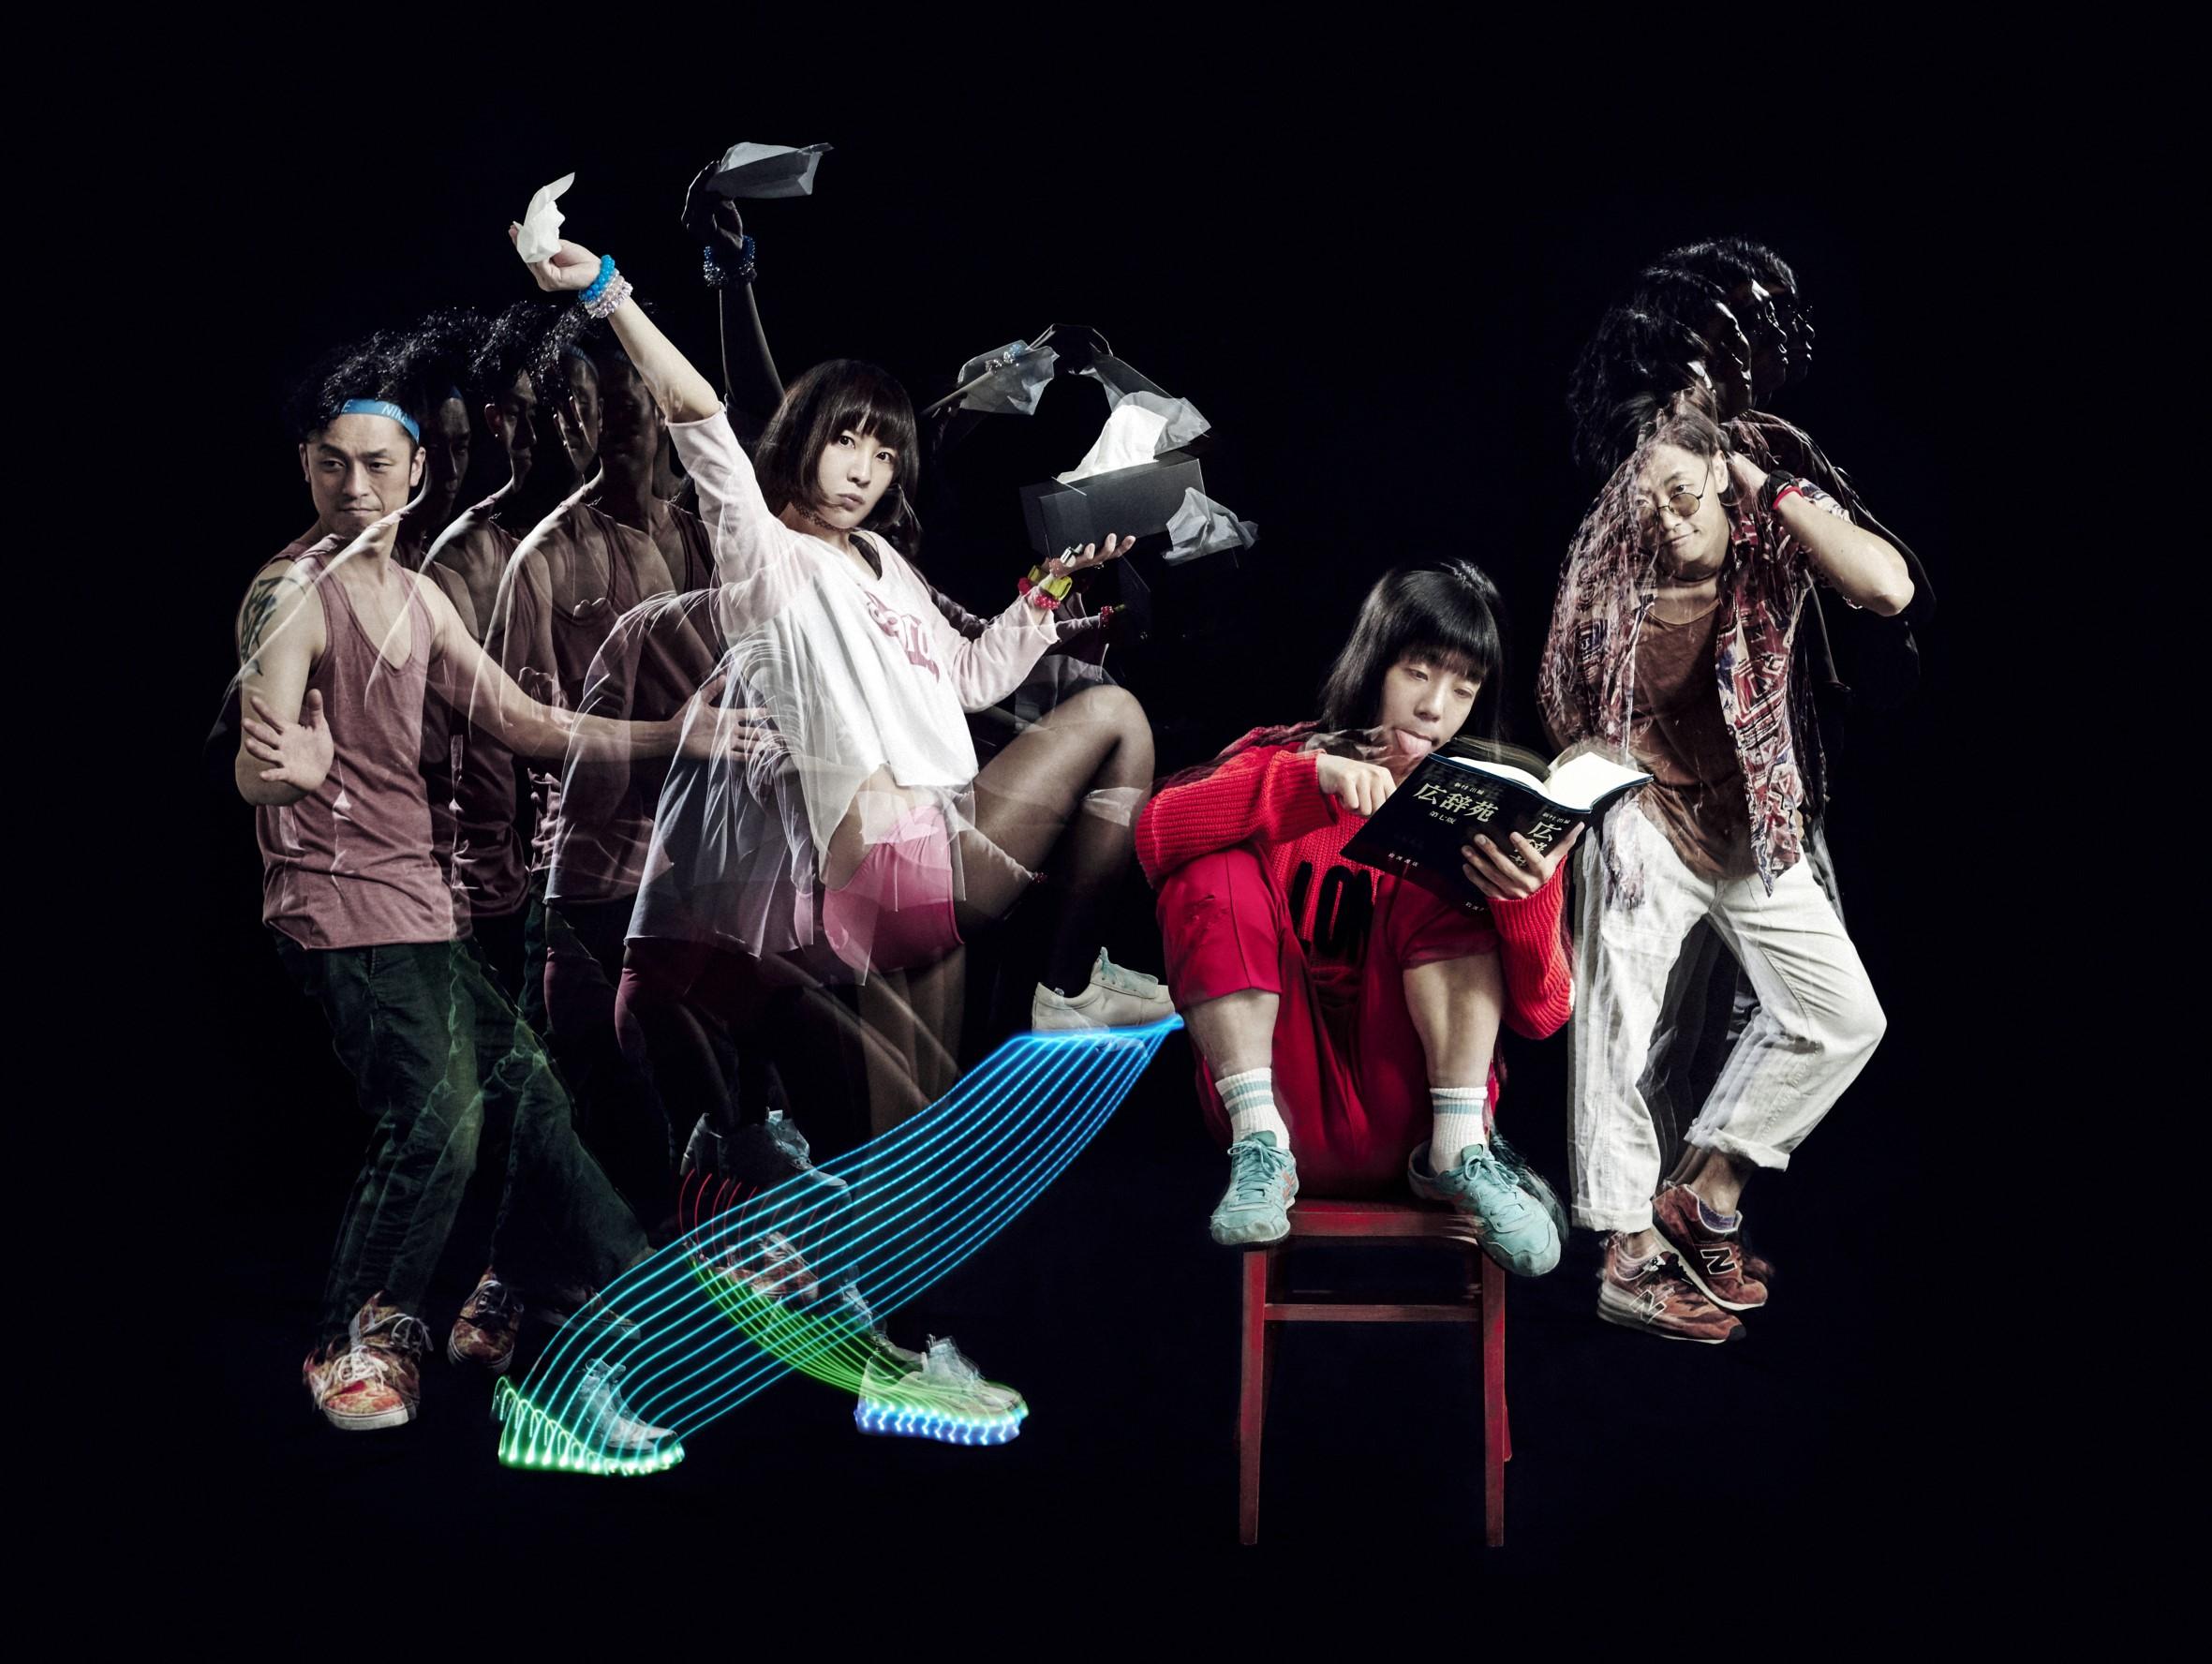 ニガミ17才、新曲『幽霊であるし』MVでPERIMETRONとタッグ! 岩下勇介の「動きがすごい」